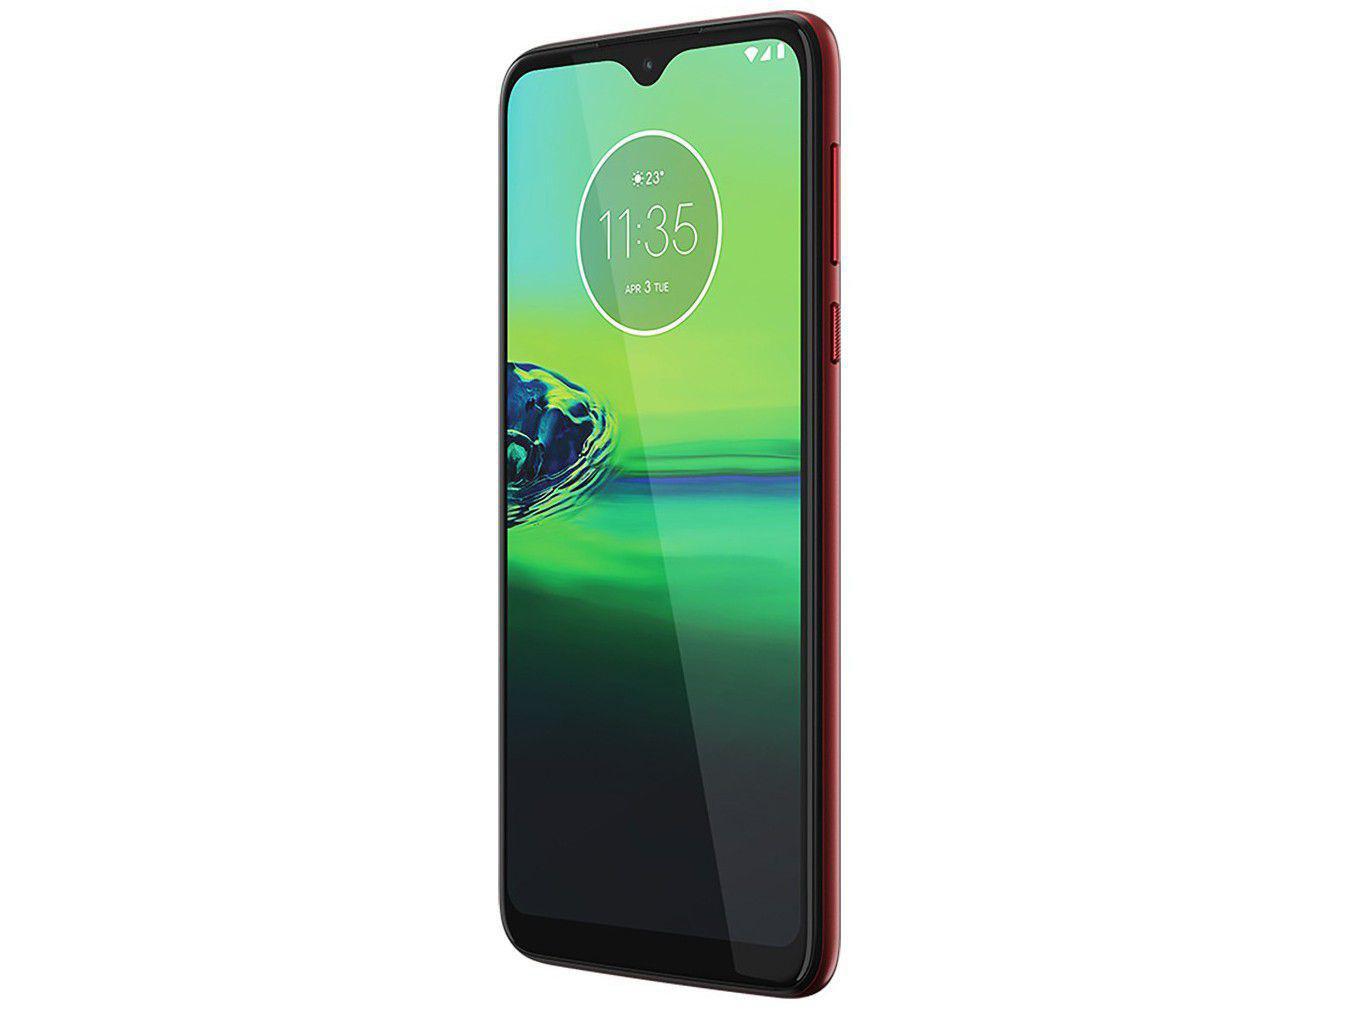 """Smartphone Motorola Moto G8 Play Vermelho Magenta 32GB, Tela Max Vision de 6.2"""" HD+, Câmera Traseira Tripla, Android 9.0 e Processador Octa-Core - 4"""